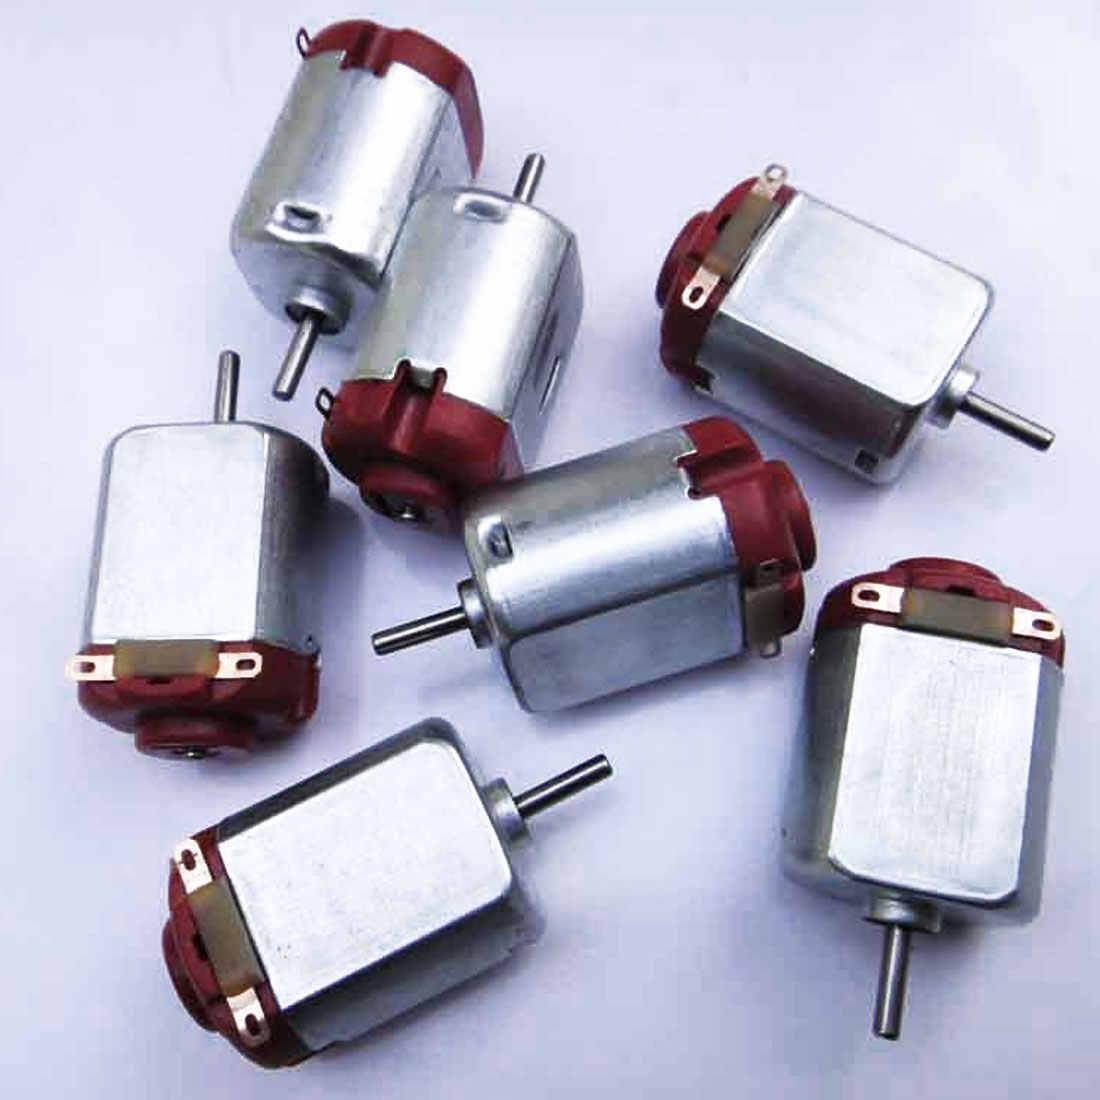 العلامة التجارية الجديدة أربع عجلات محرك 3V موتور تيار مباشر صغير 130 موتور 16500 RPM لتجربة علمية لتقوم بها بنفسك لعبة السيارات الذكية